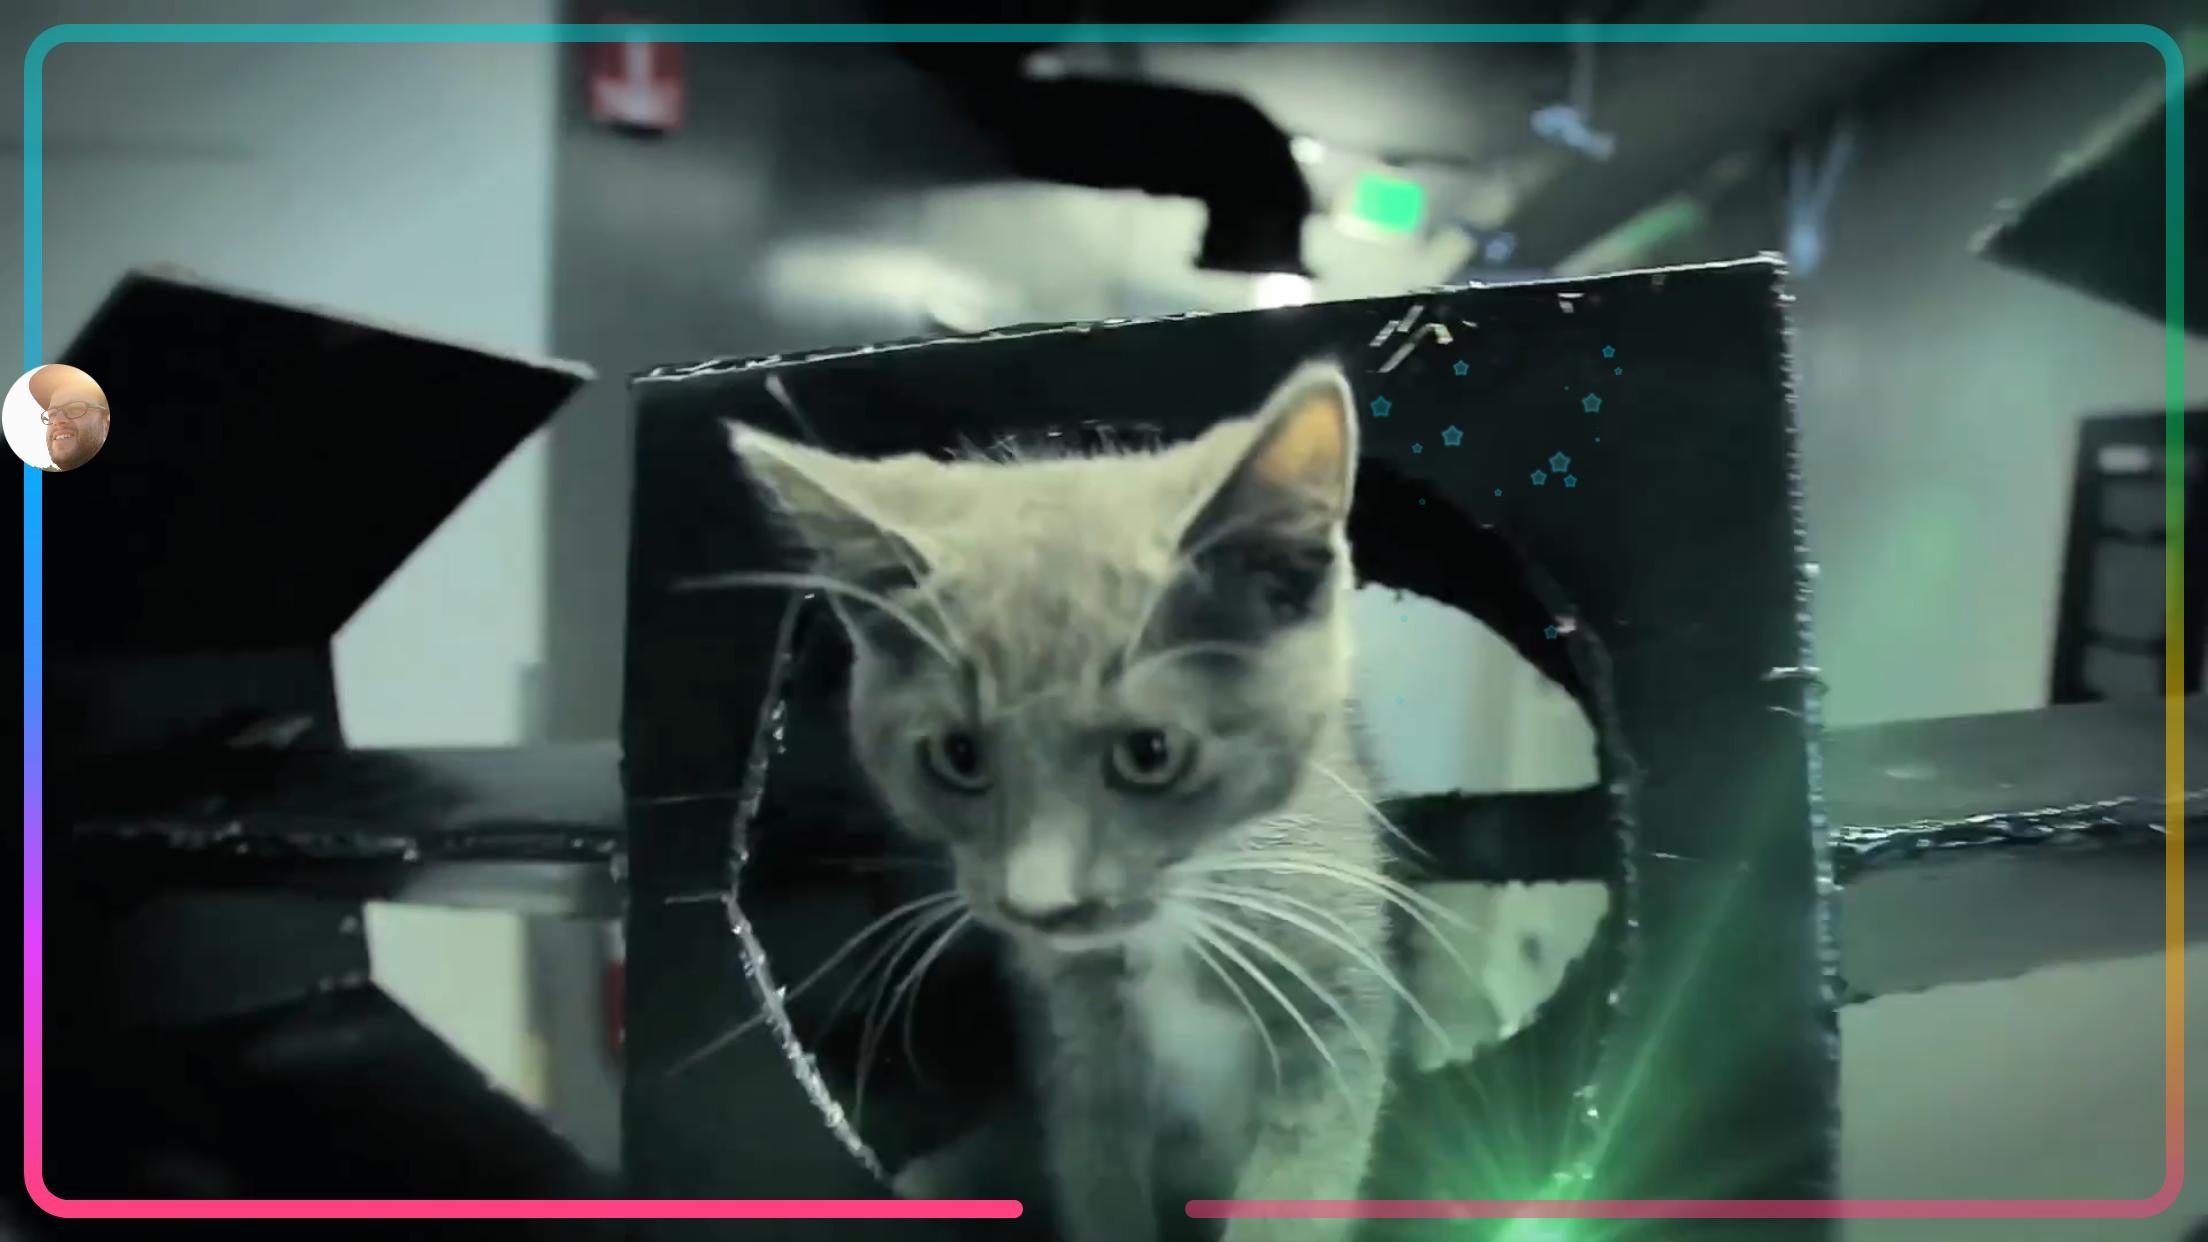 Uptime appen er, ikke overraskende, rig på kattevideoer